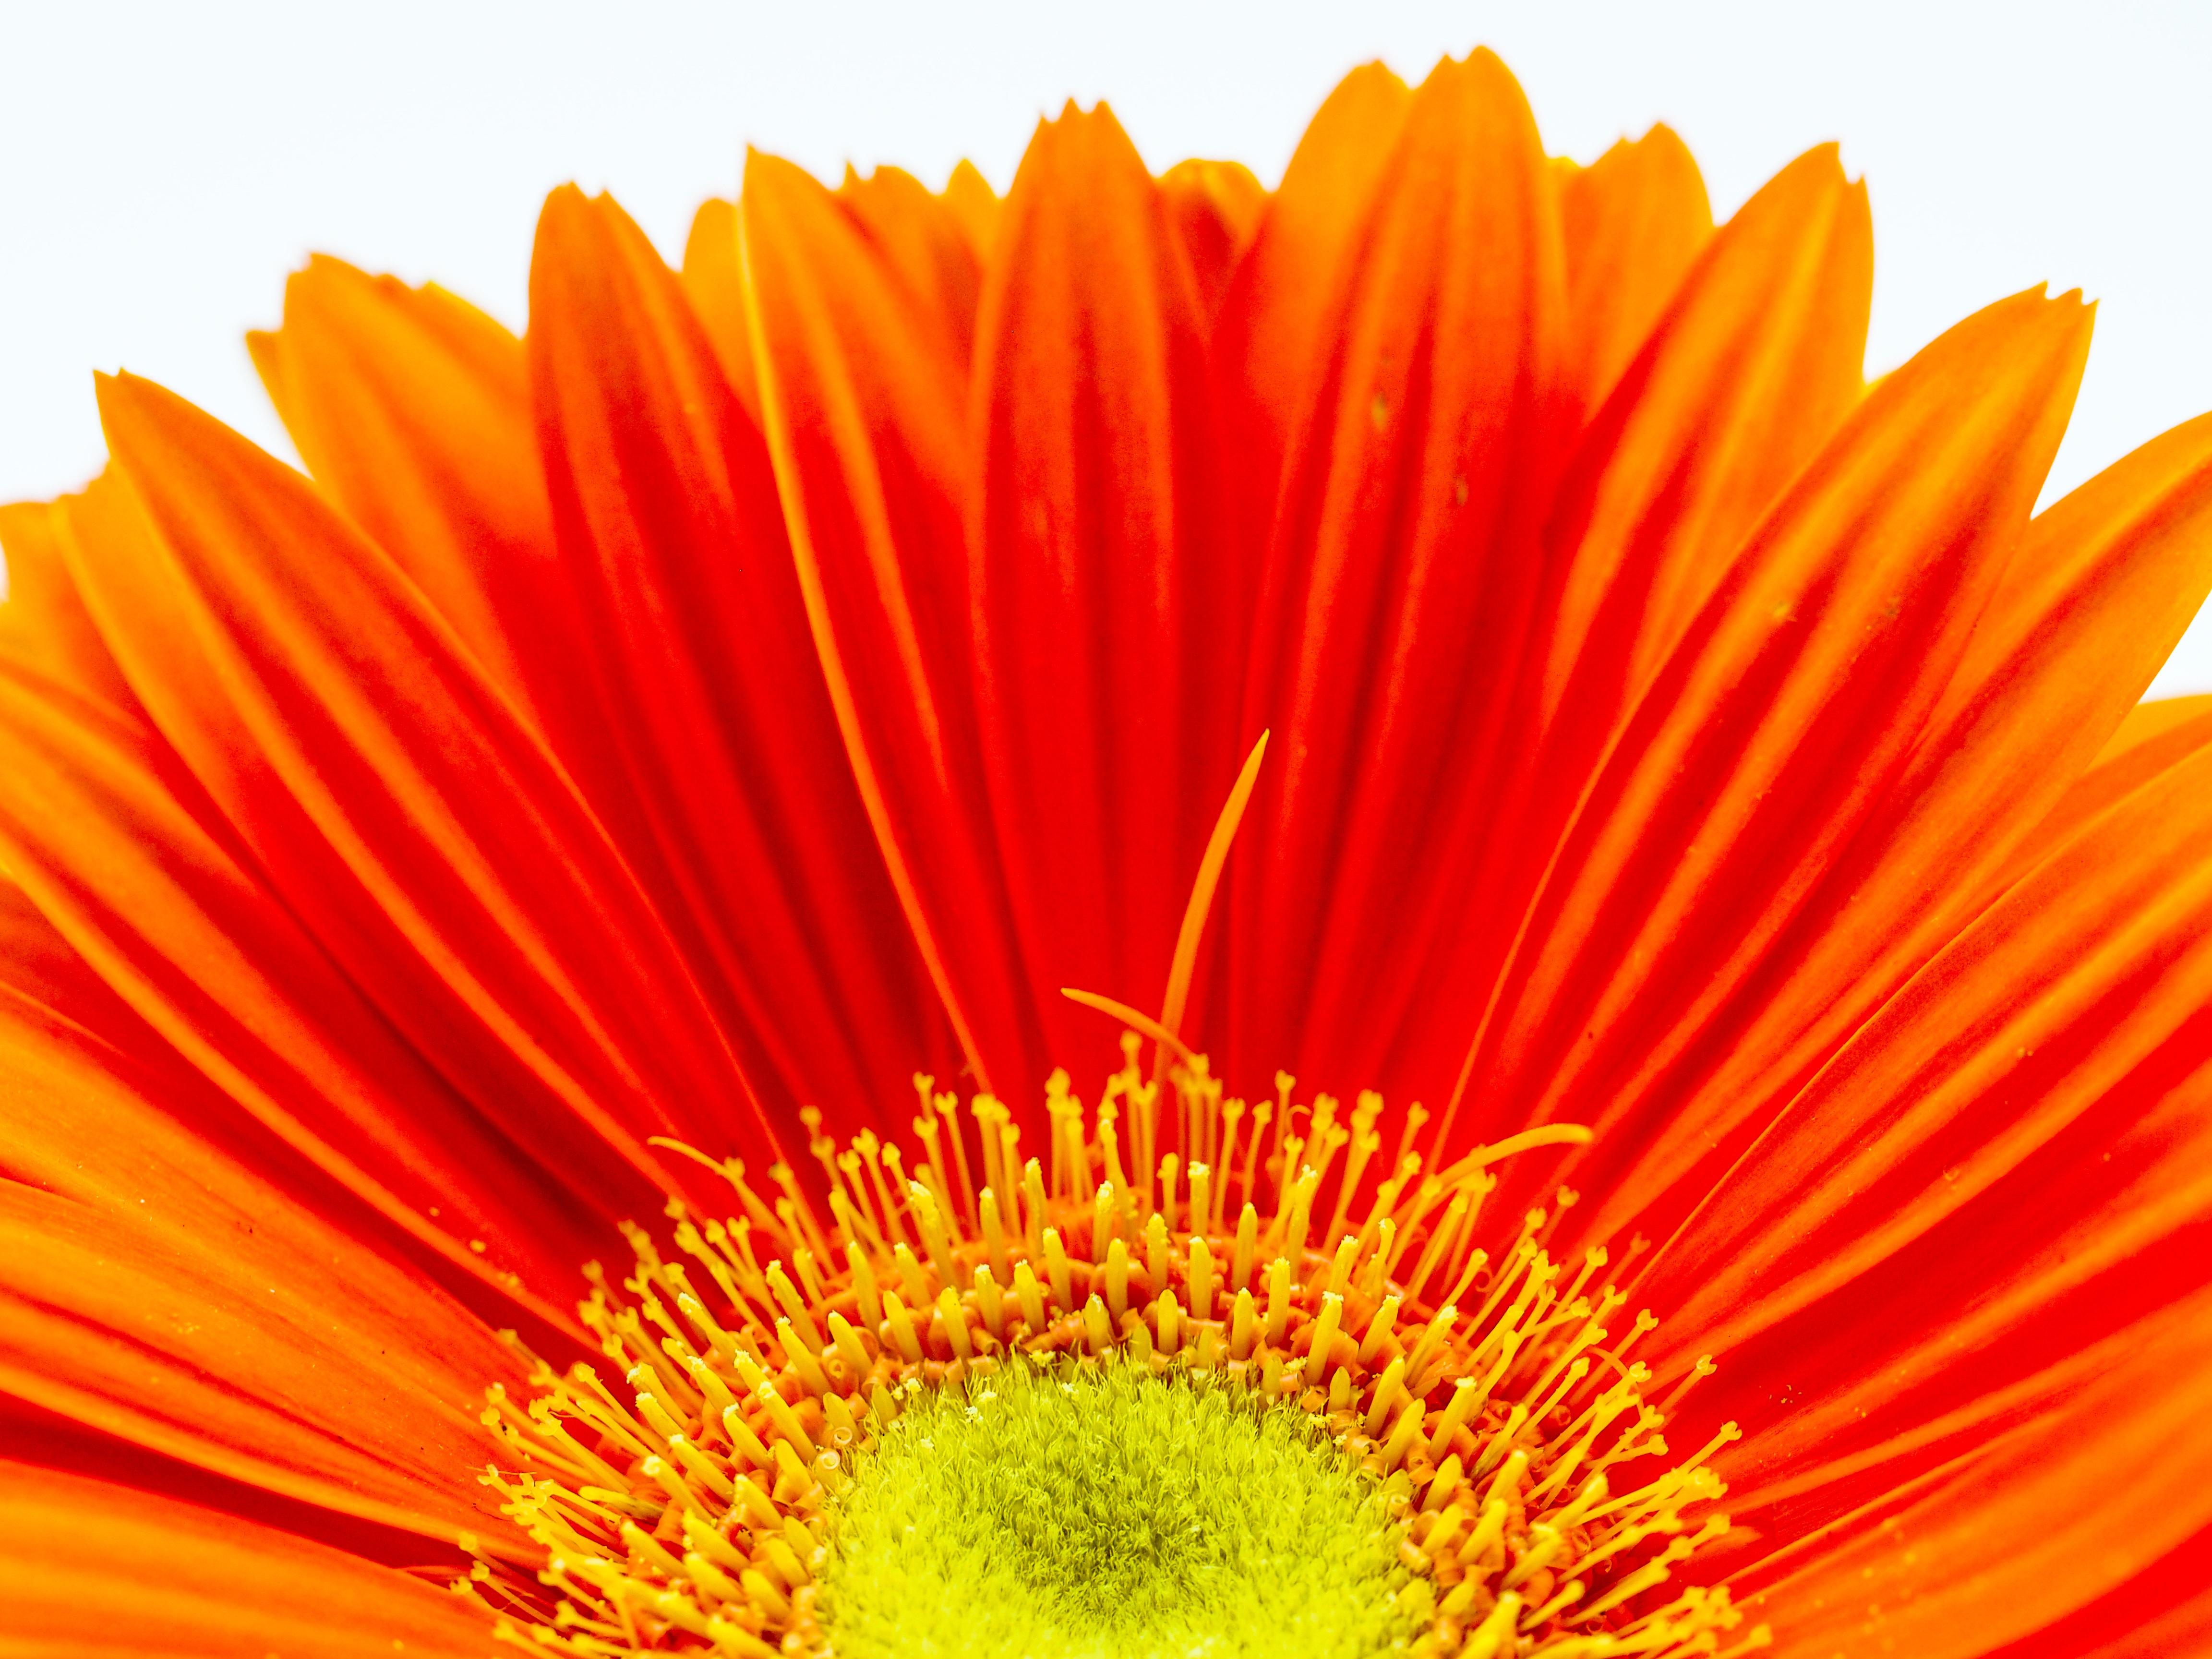 оранжевый цветочек картинка удобно для